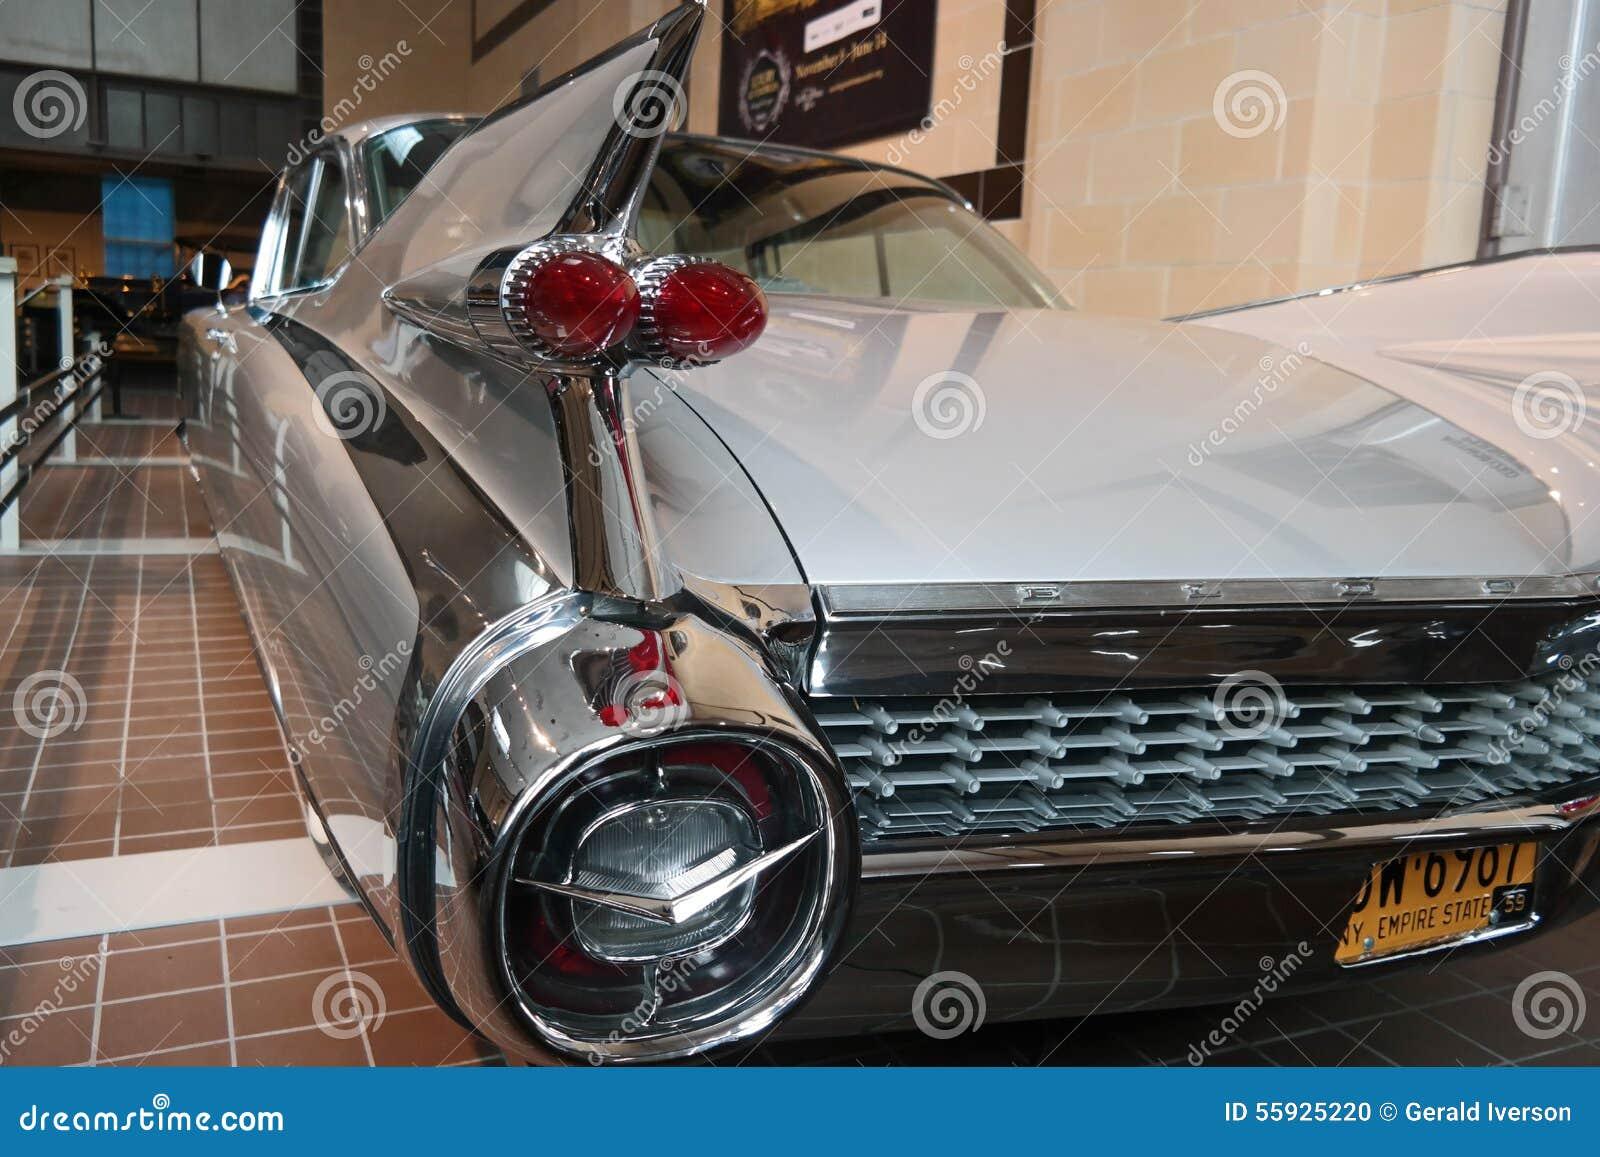 1959 Eldorado Cadillac